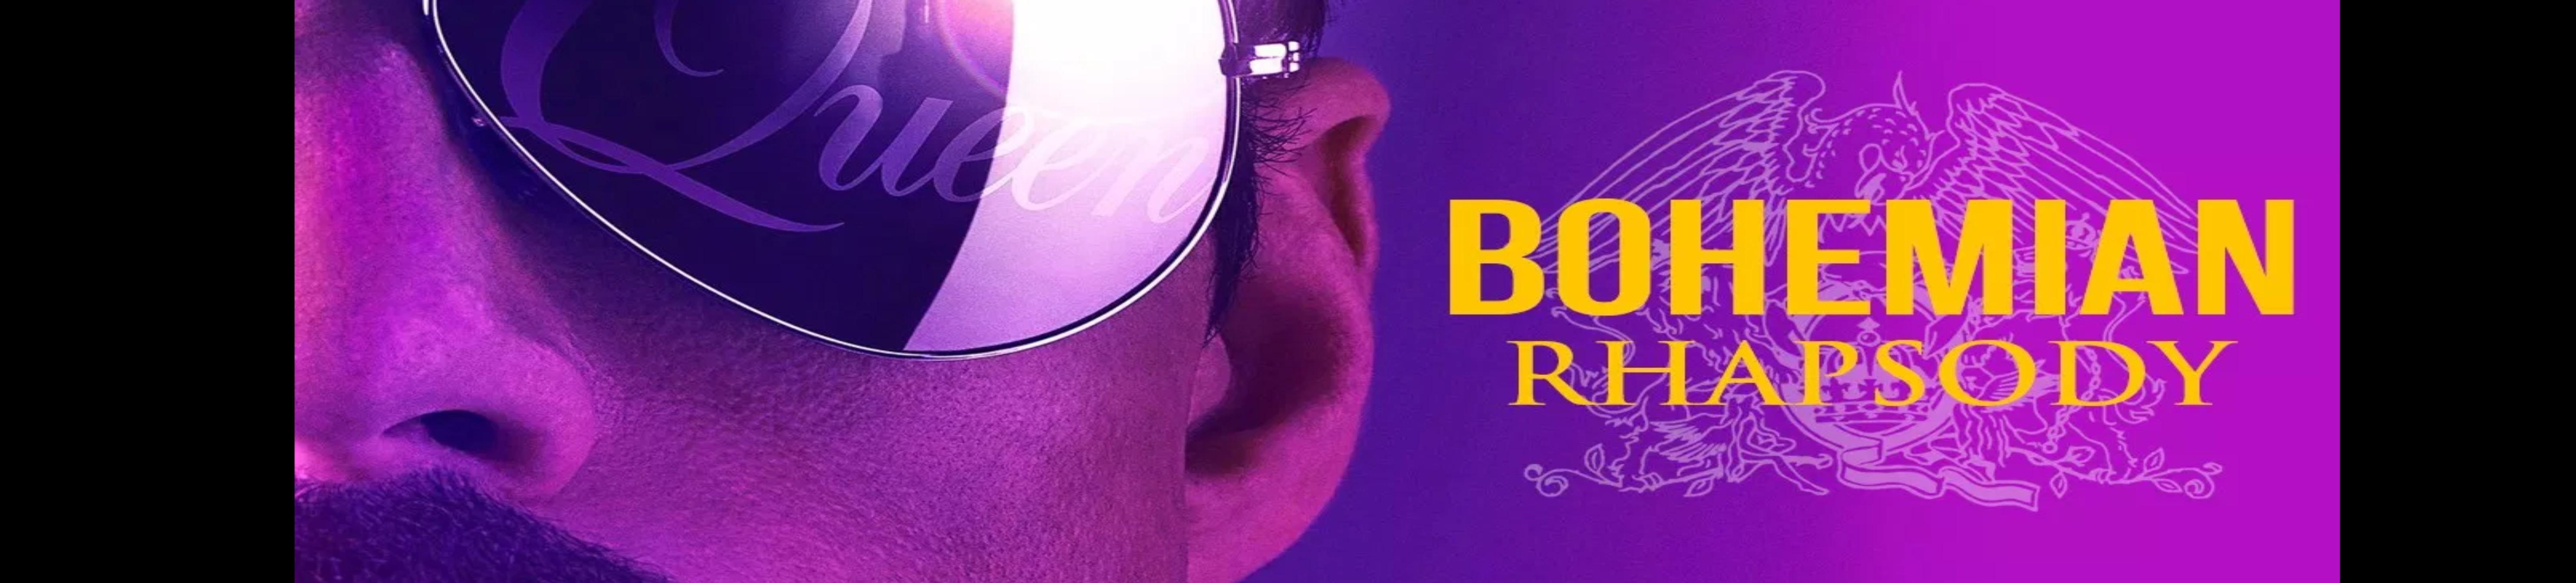 Bohemian-Rapsody-film-premiere-2018